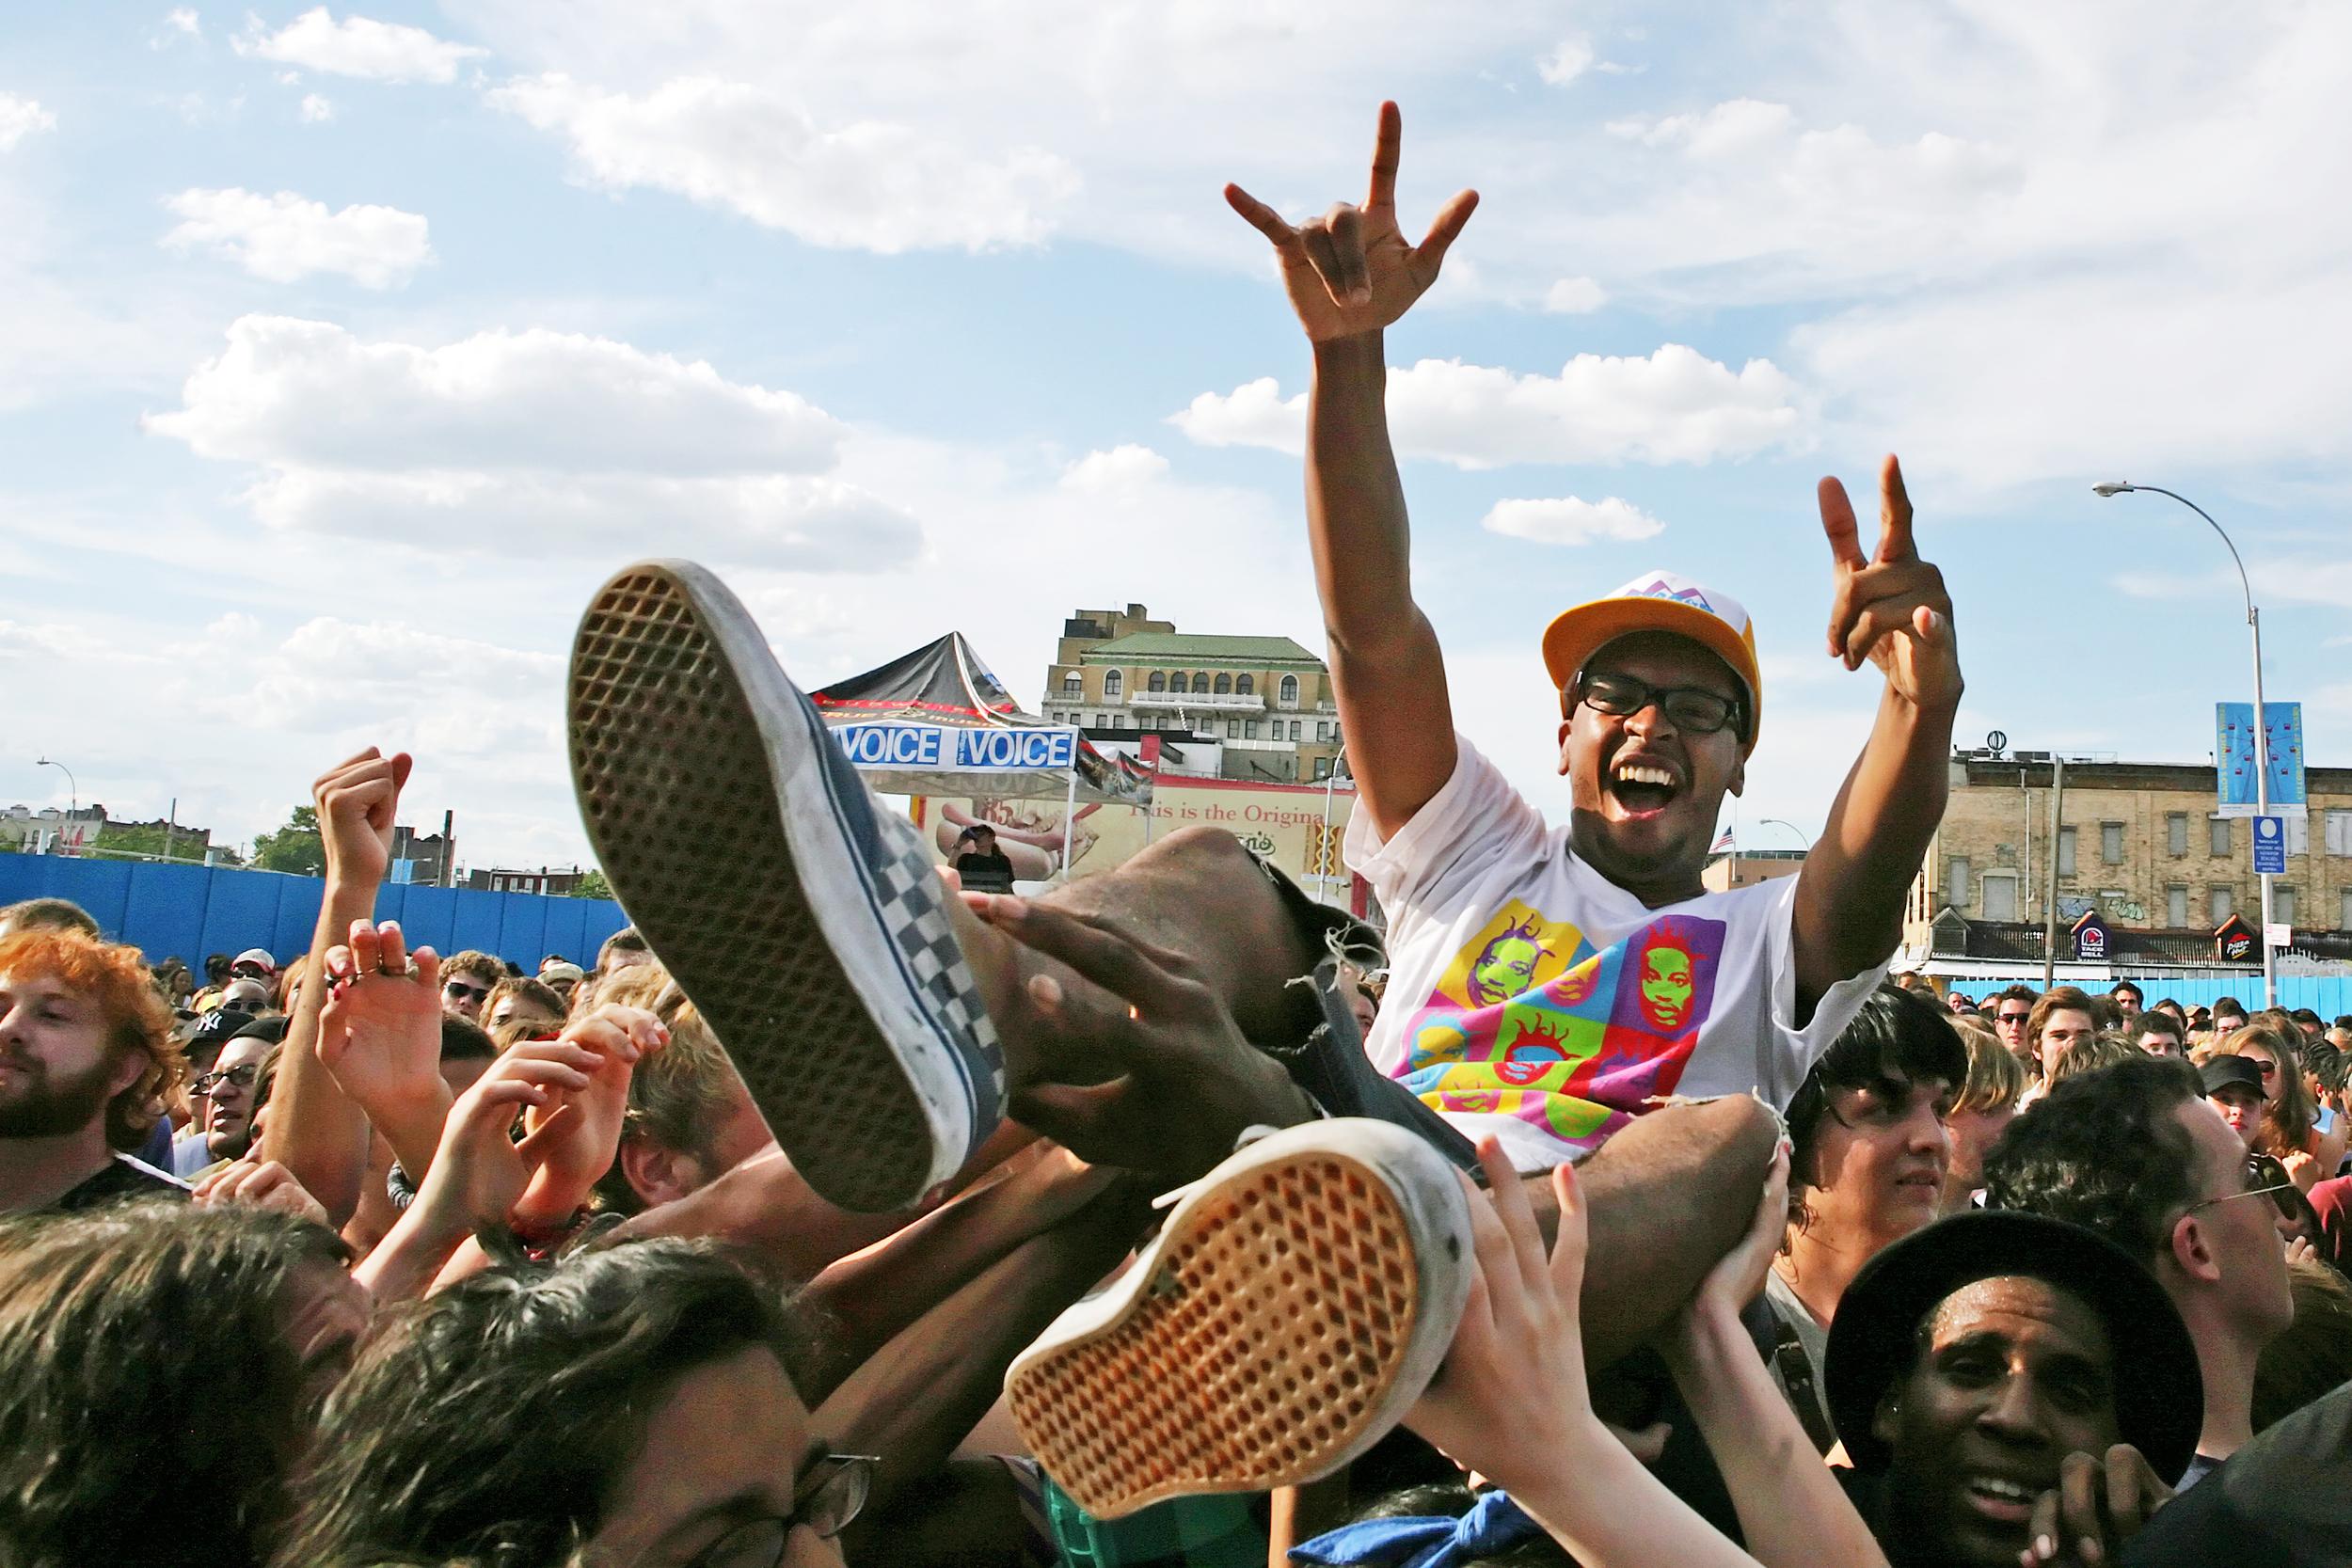 crowdsurfer-at-siren-music-festival_871182755_o.jpg